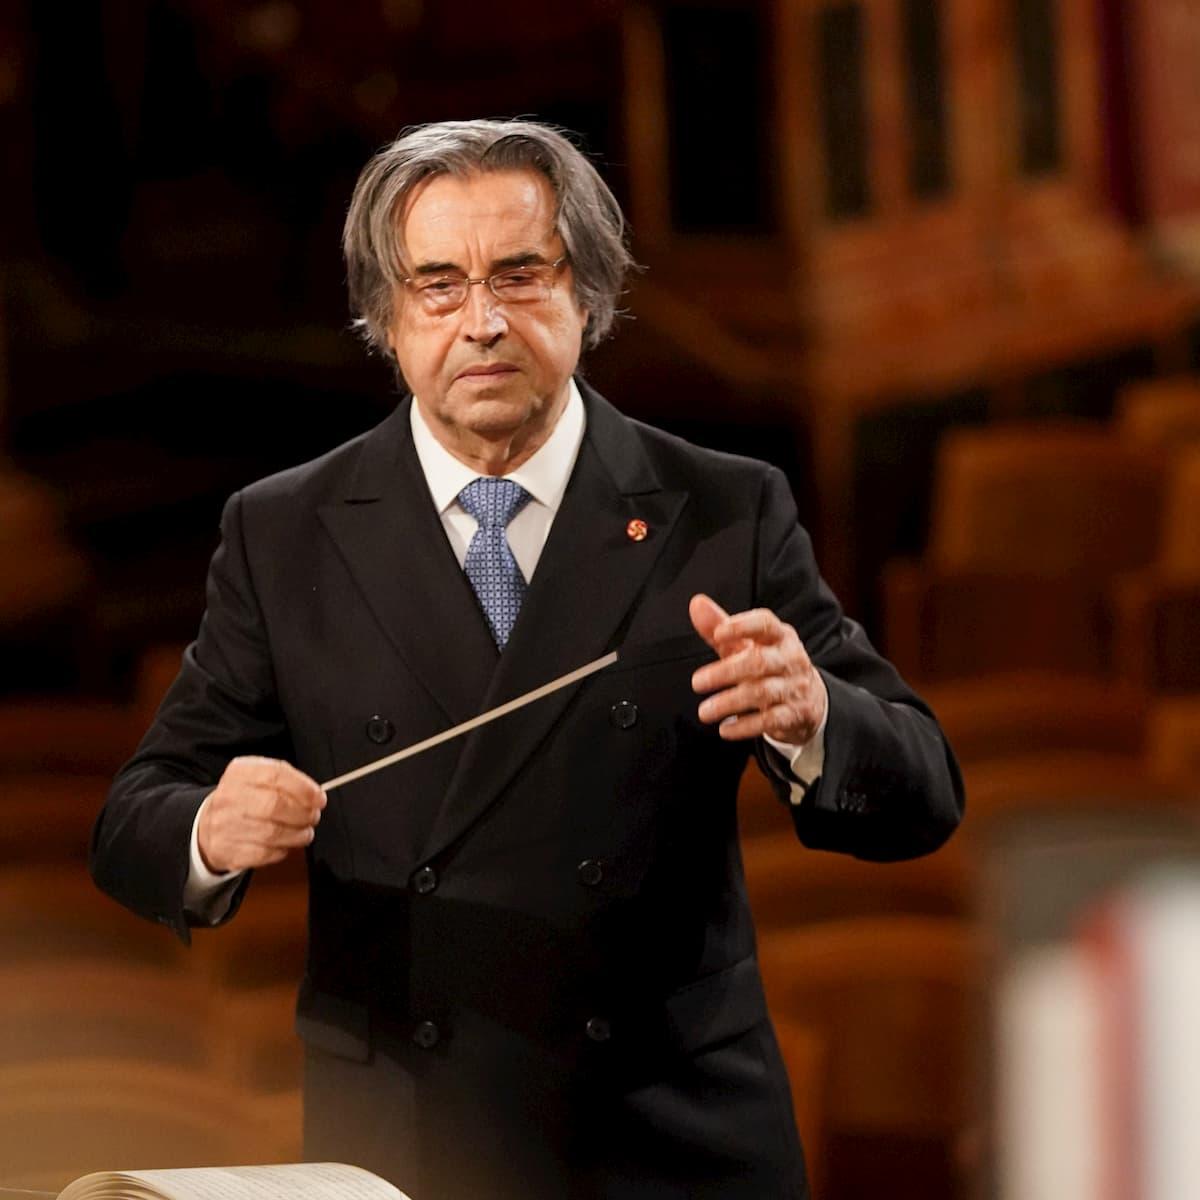 Riccardo Muti - Dirigent Neujahrskonzert der Wiener Philharmoniker 2021